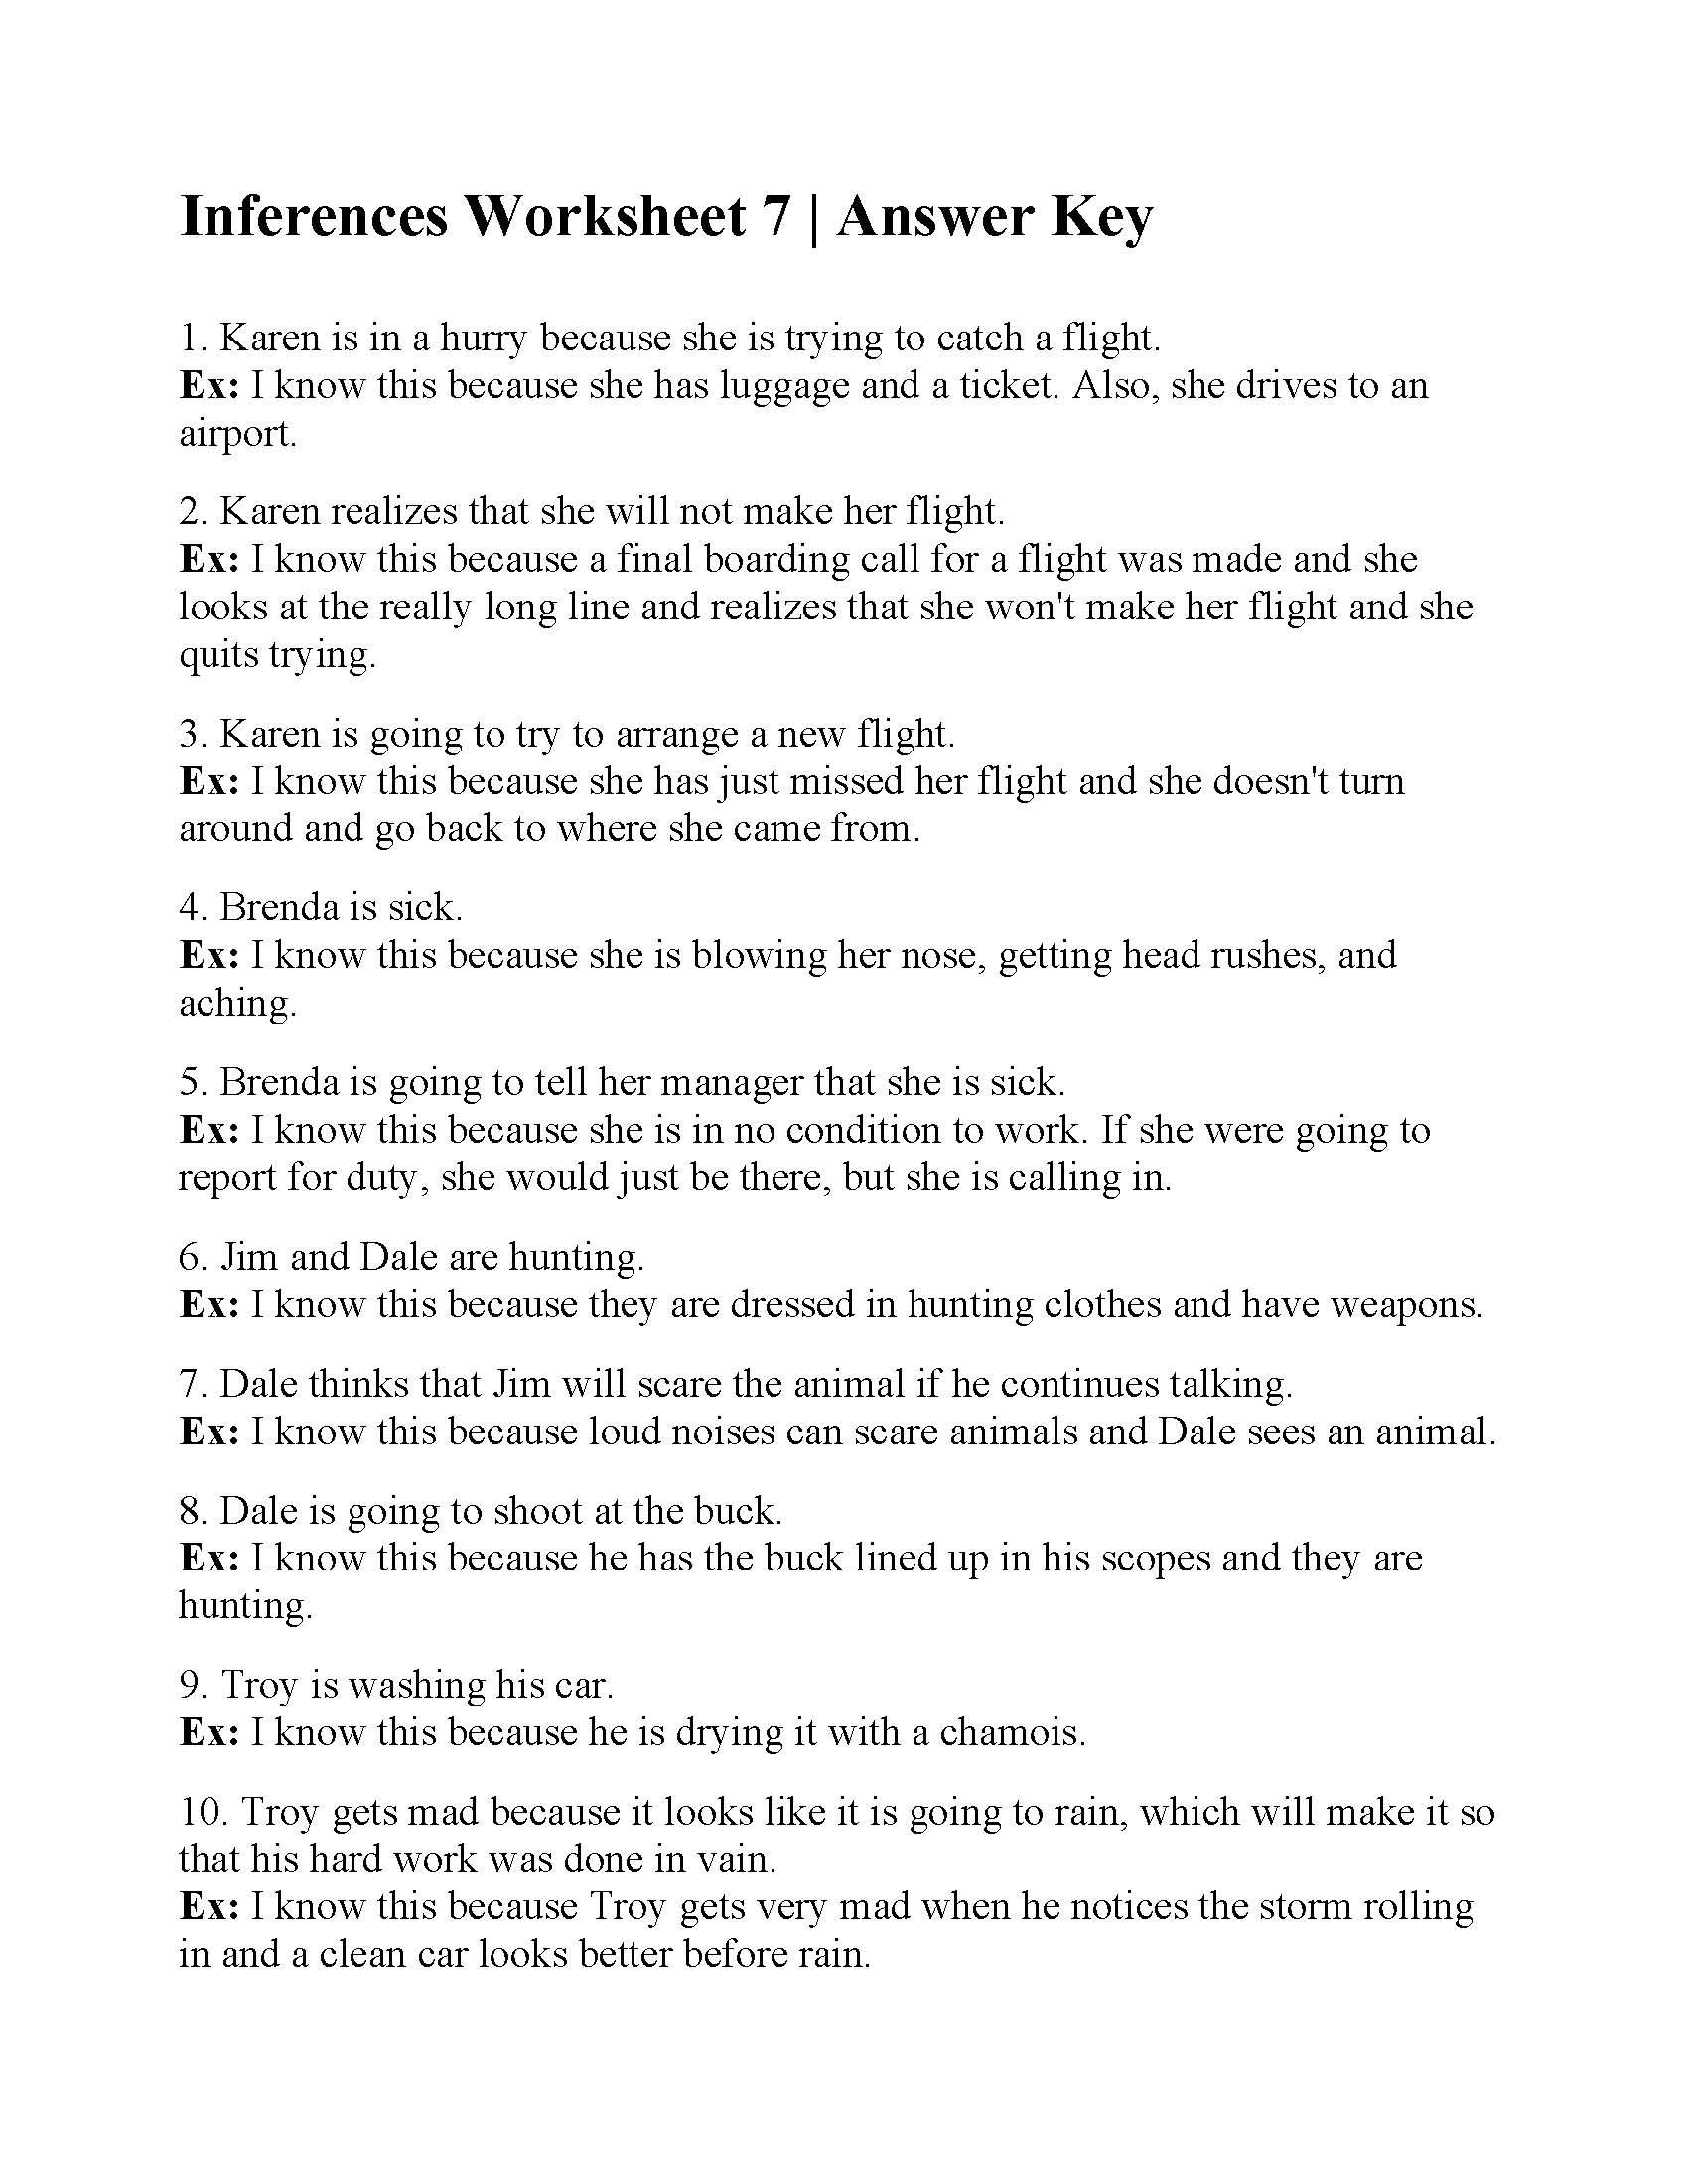 Inferences Worksheet 7